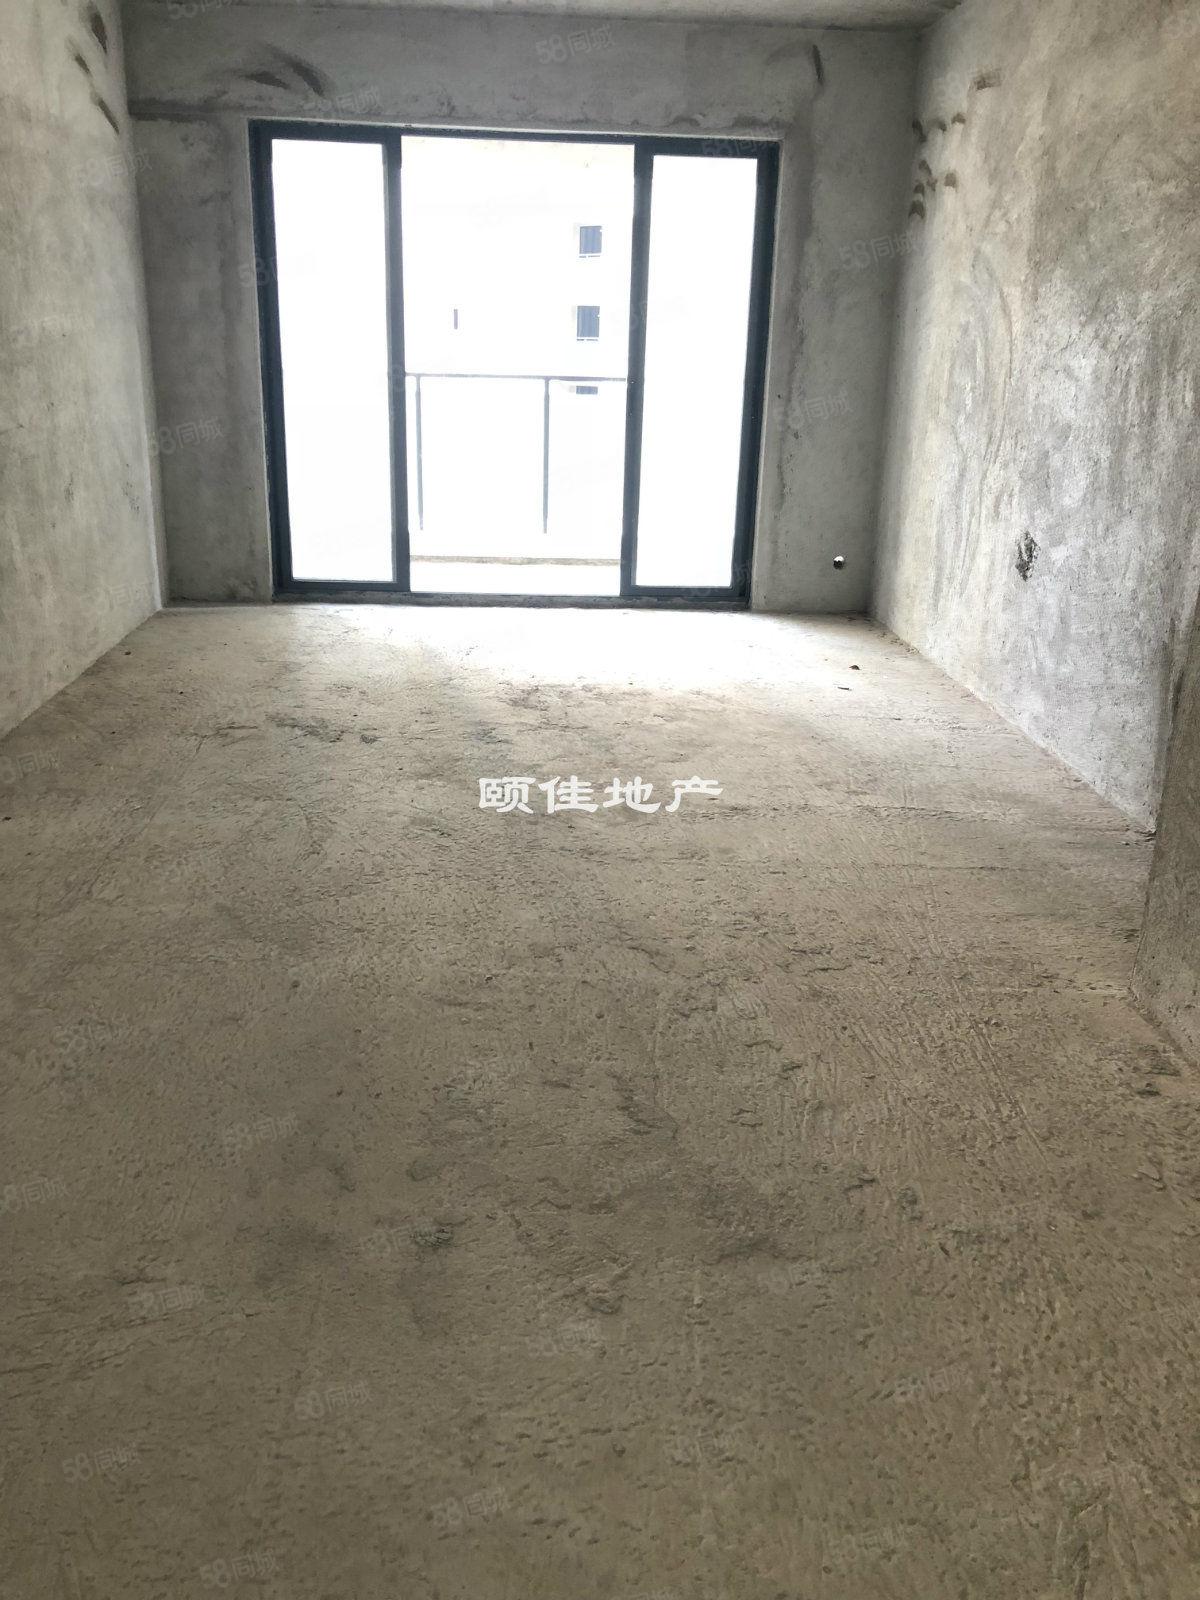 03出售清�A坊中�用�坯�n房,百年�W府中心�^,��享繁�A